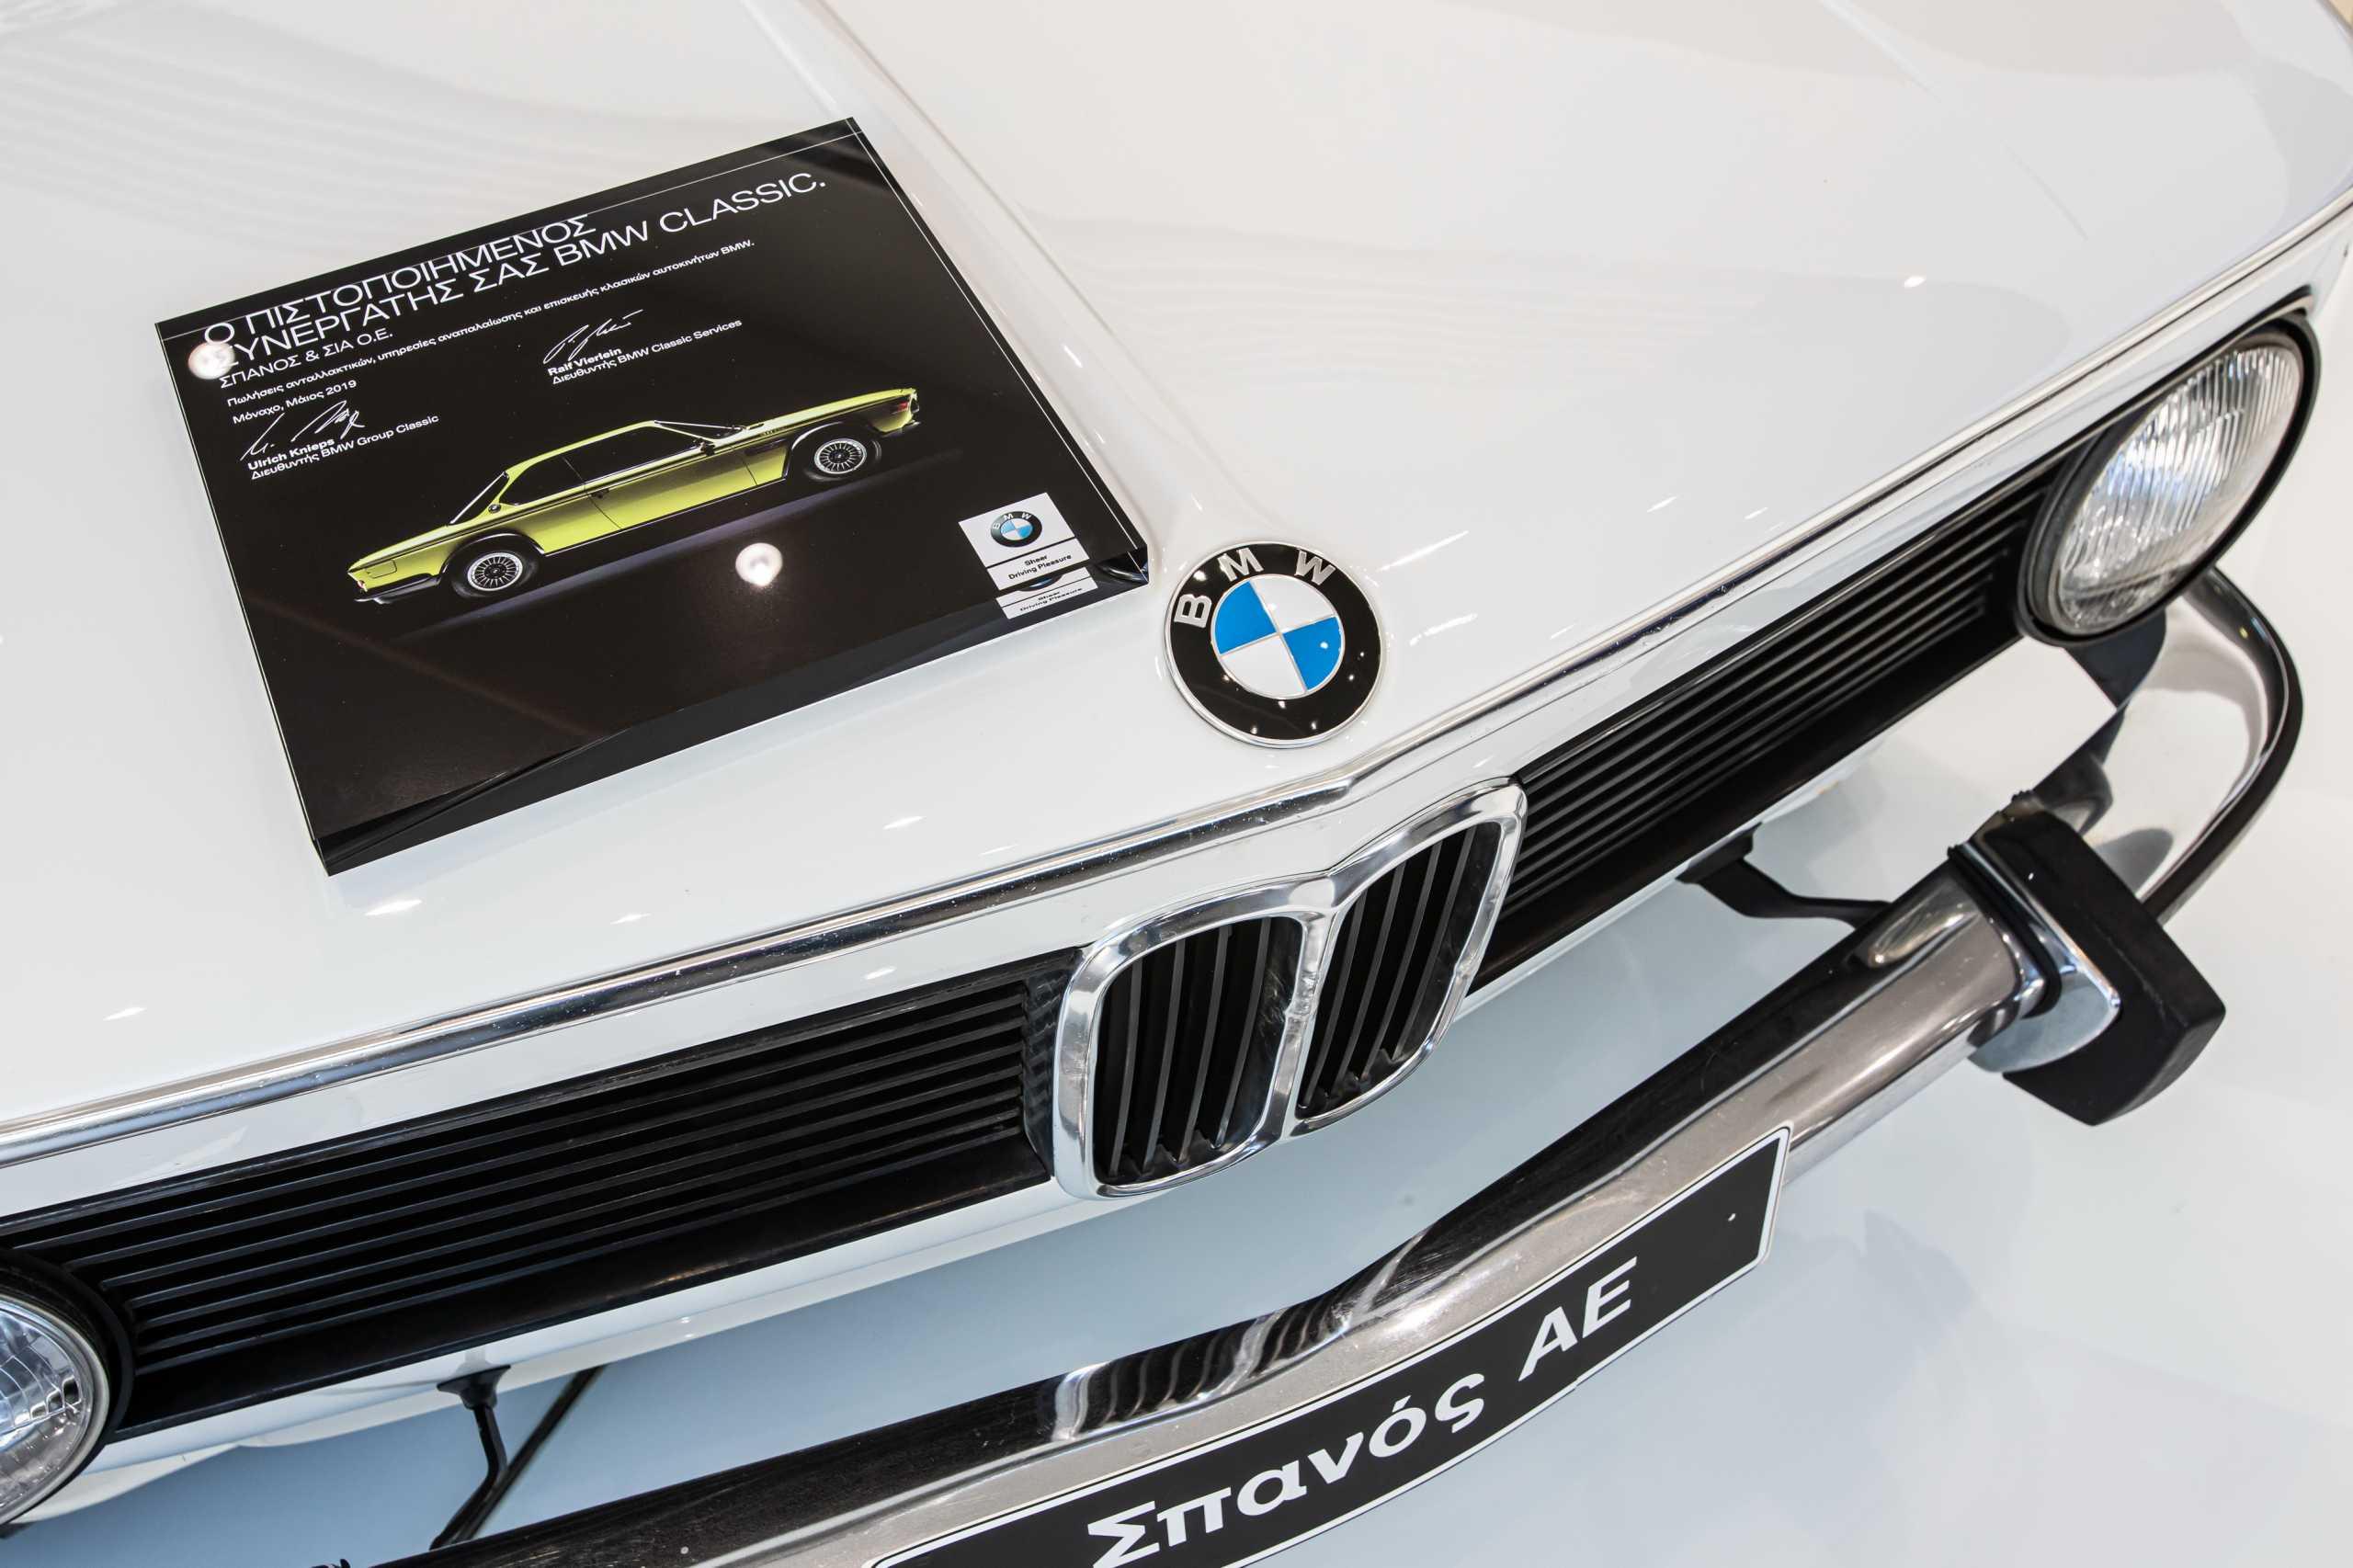 Απονομή Πιστοποίησης BMW Classic στη Σπανός ΑΕ από το BMW Group Hellas